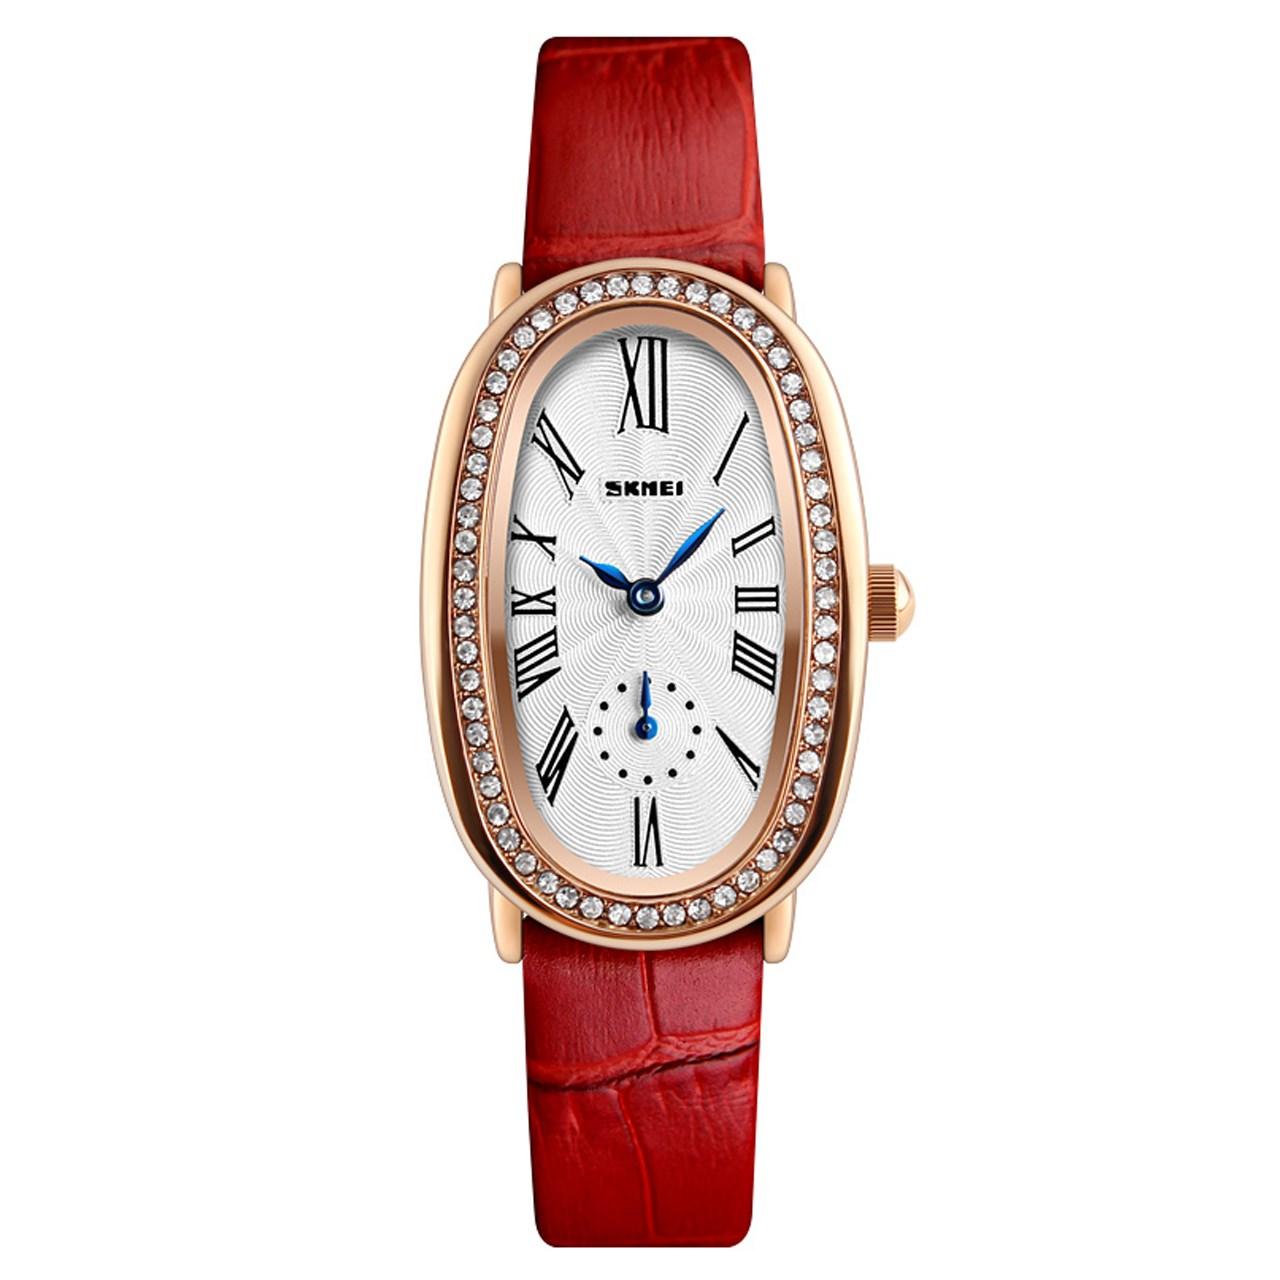 ساعت مچی عقربه ای زنانه اسکمی مدل 1292 کد 01